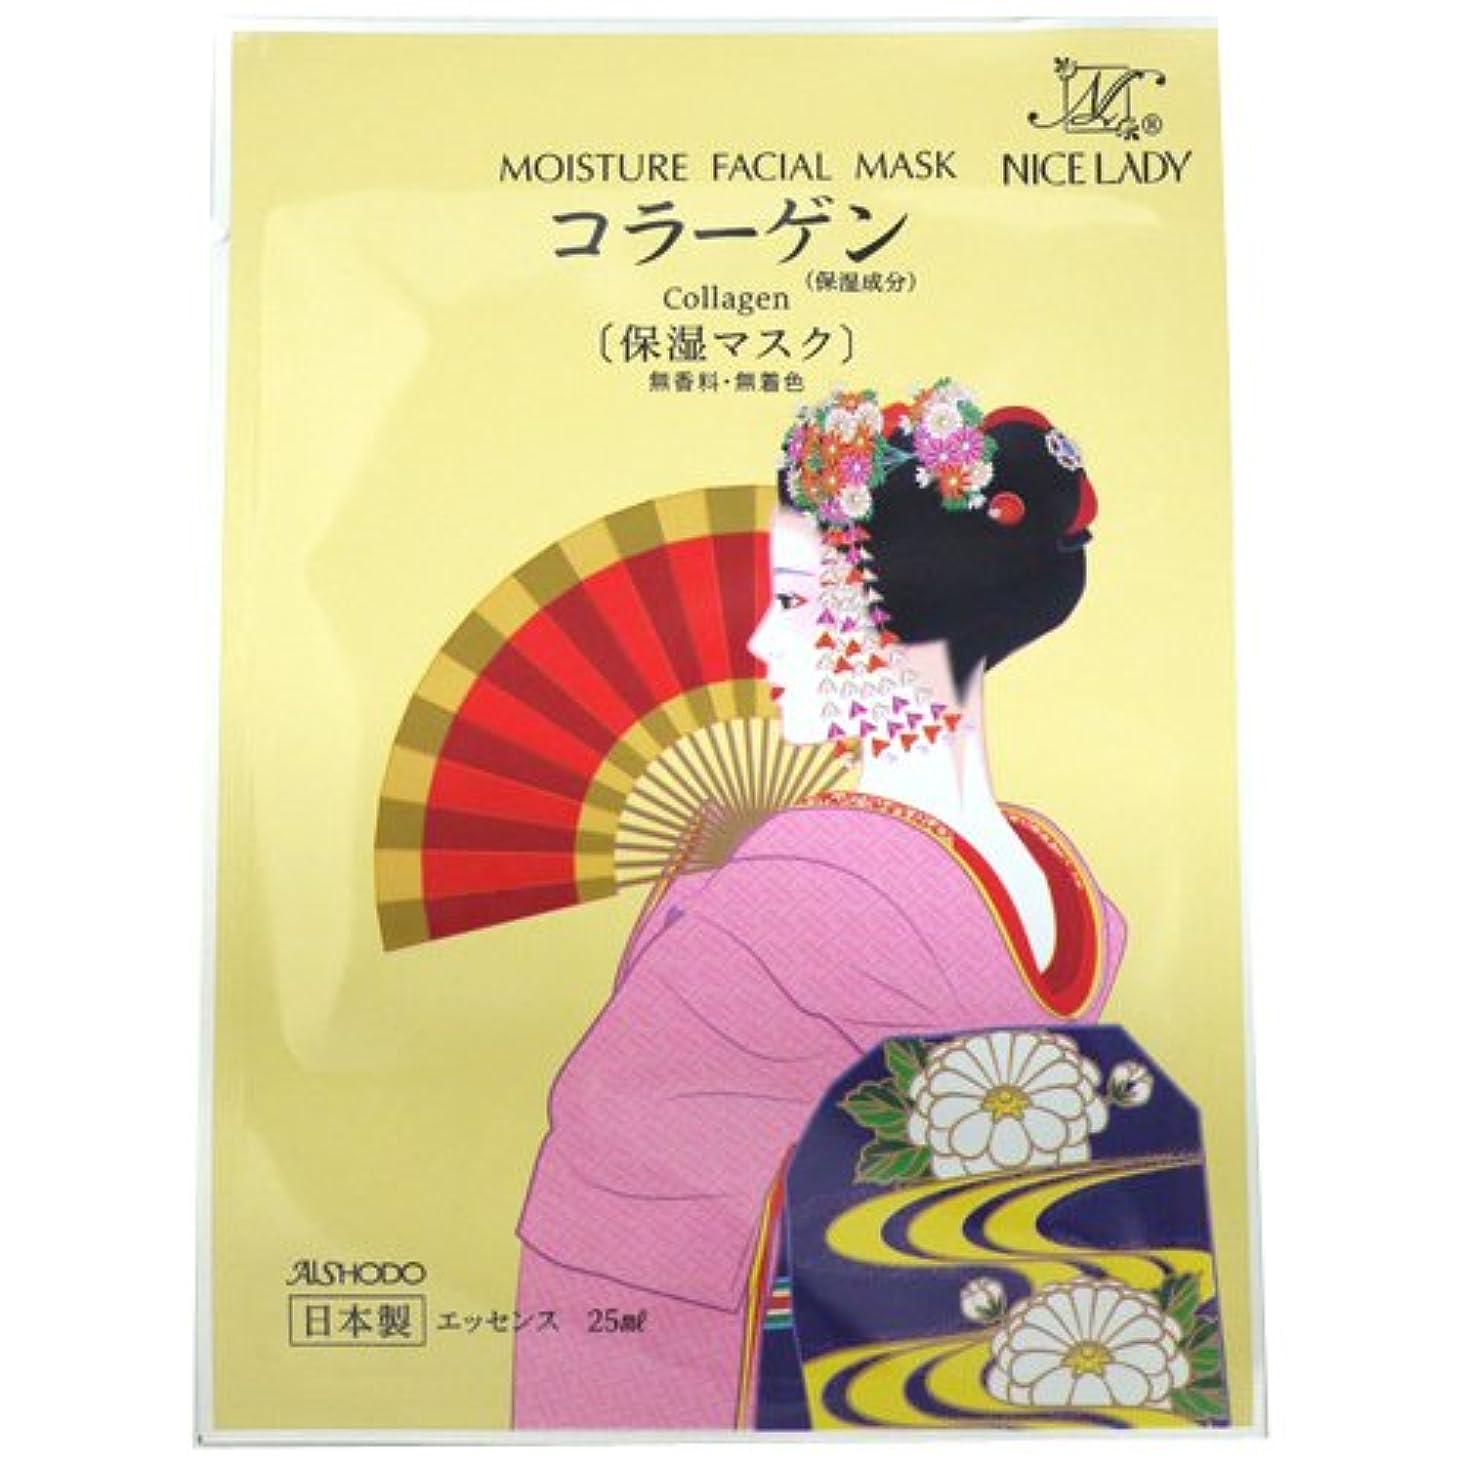 ツイン有彩色の学校の先生愛粧堂 舞妓着物マスク コラーゲン 1枚